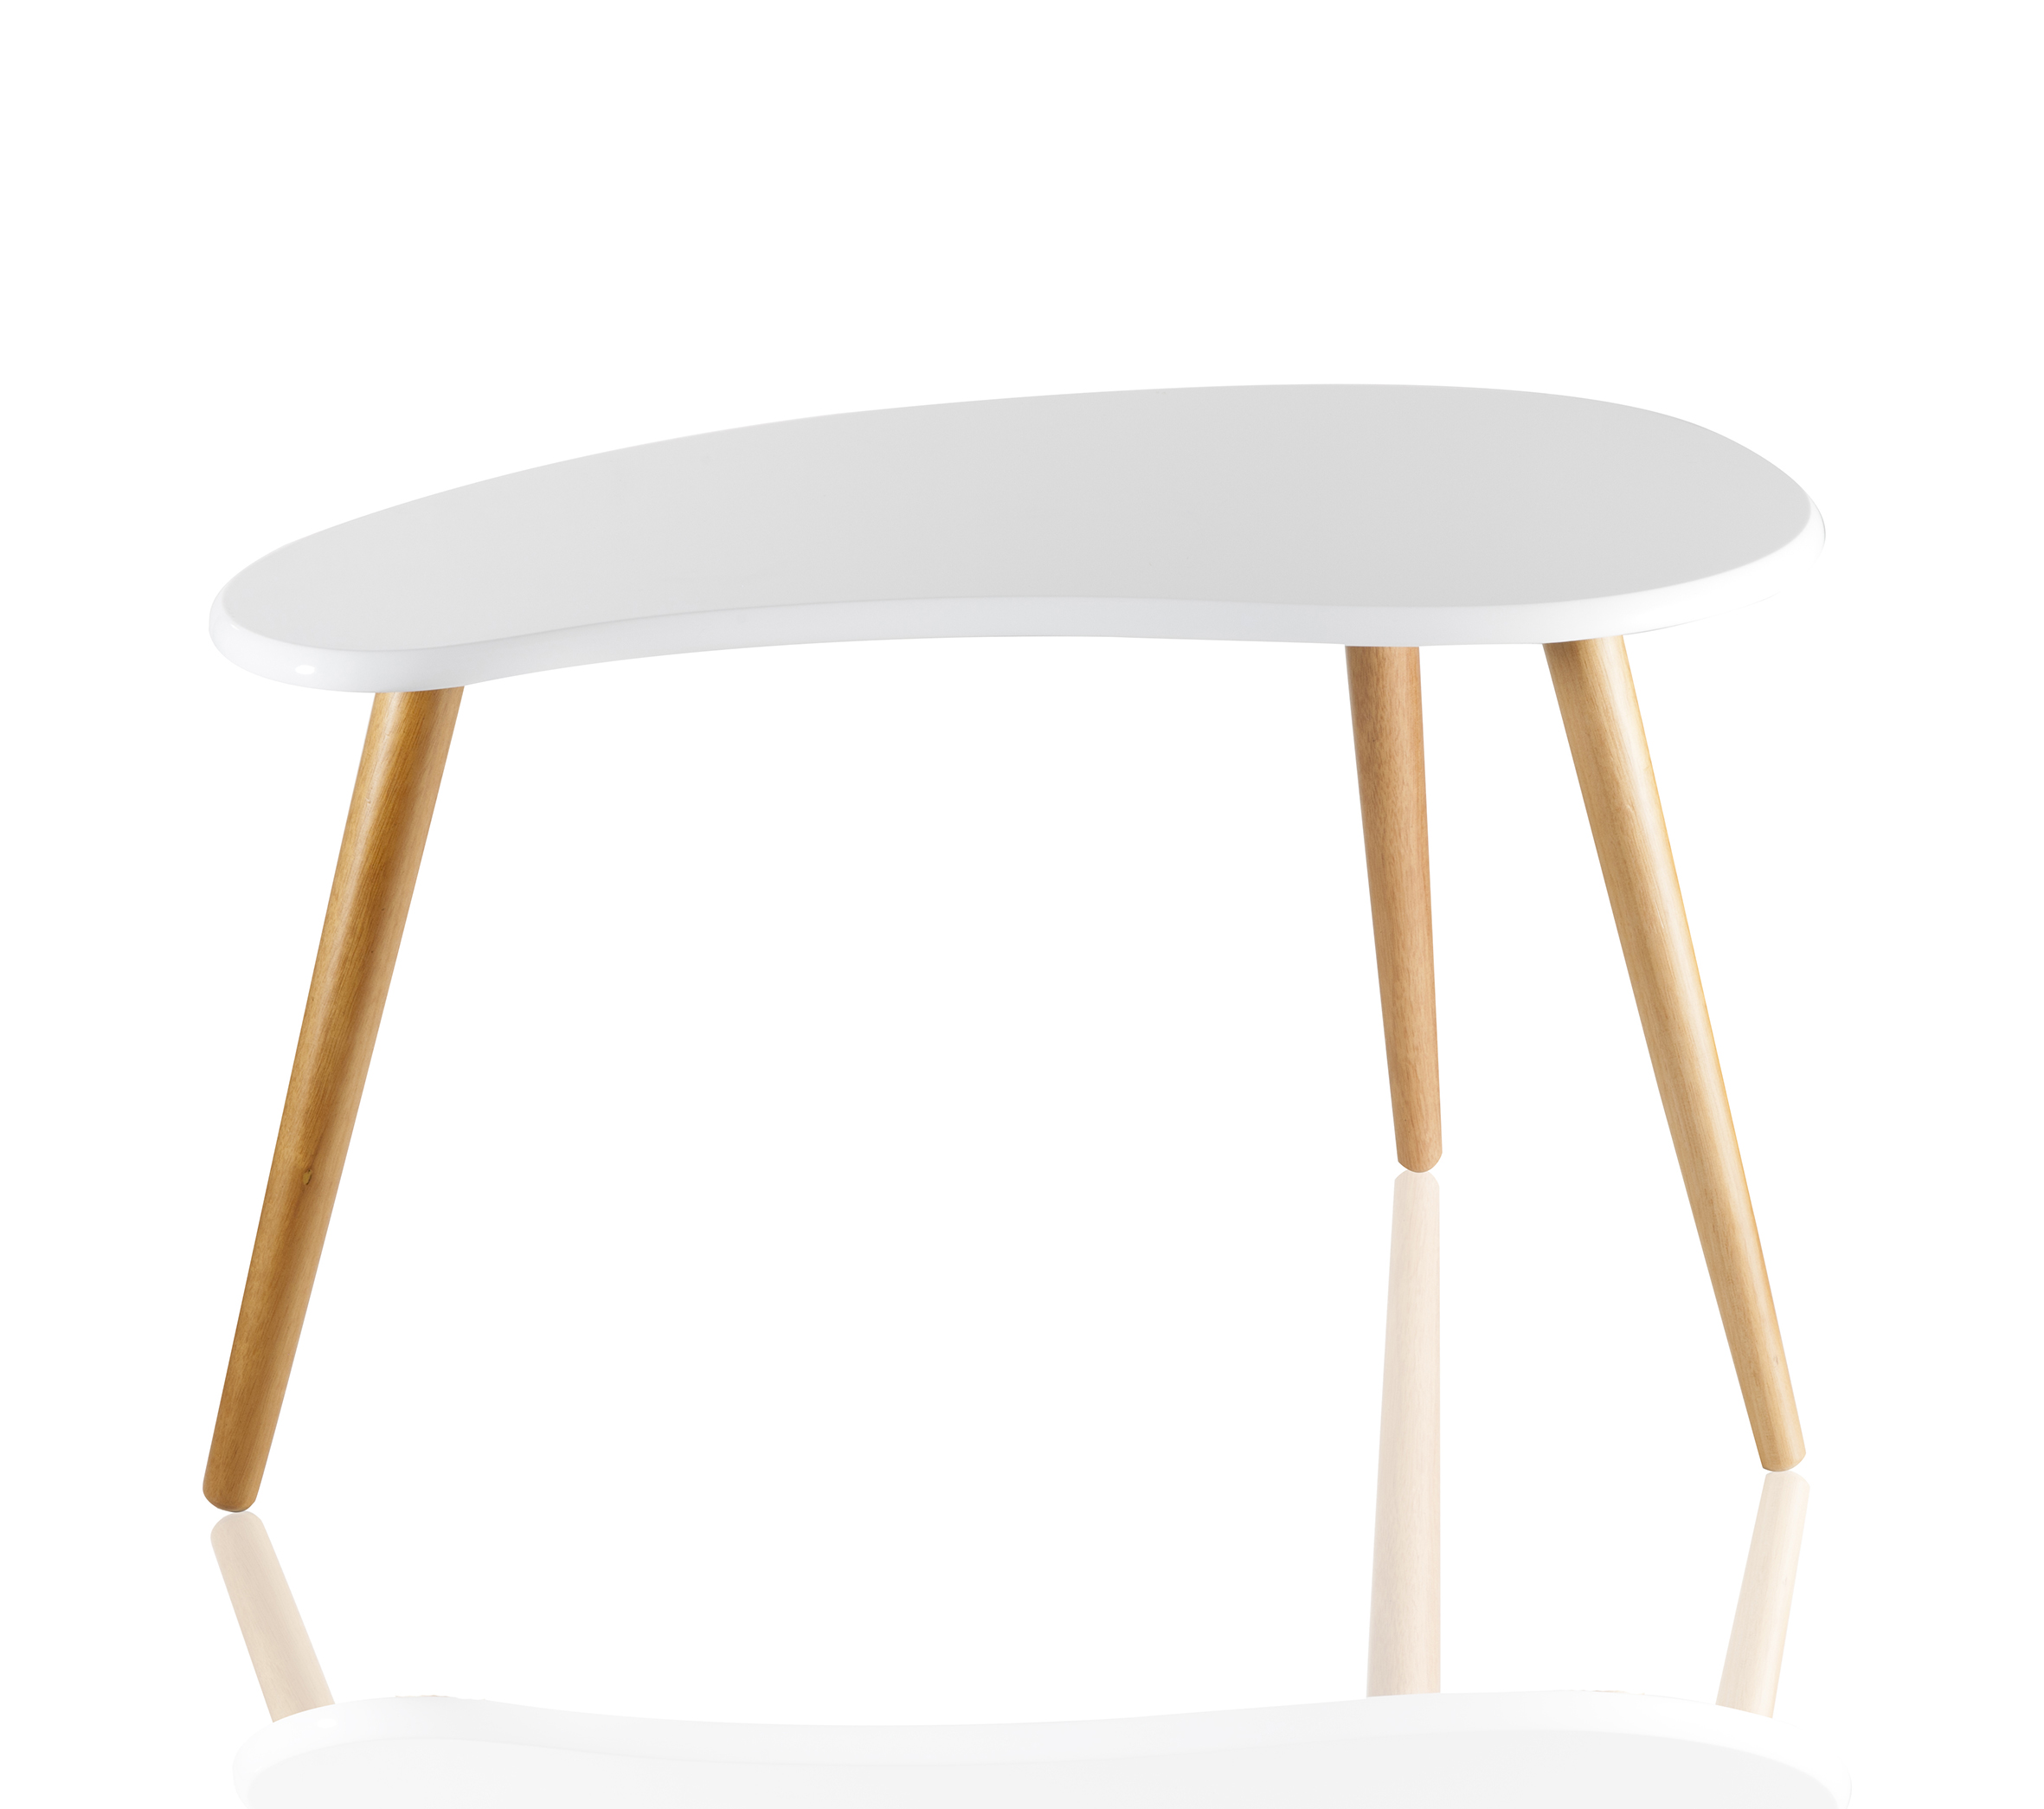 Столик ClassicЖурнальные столики<br>Прекрасный вариант сочетания стильного дизайна в стиле &amp;quot;модерн&amp;quot; и функционального предмета интерьера - столик &amp;quot;Classic&amp;quot;.&amp;amp;nbsp;<br><br>Material: Дерево<br>Width см: 41<br>Depth см: 40<br>Height см: 70